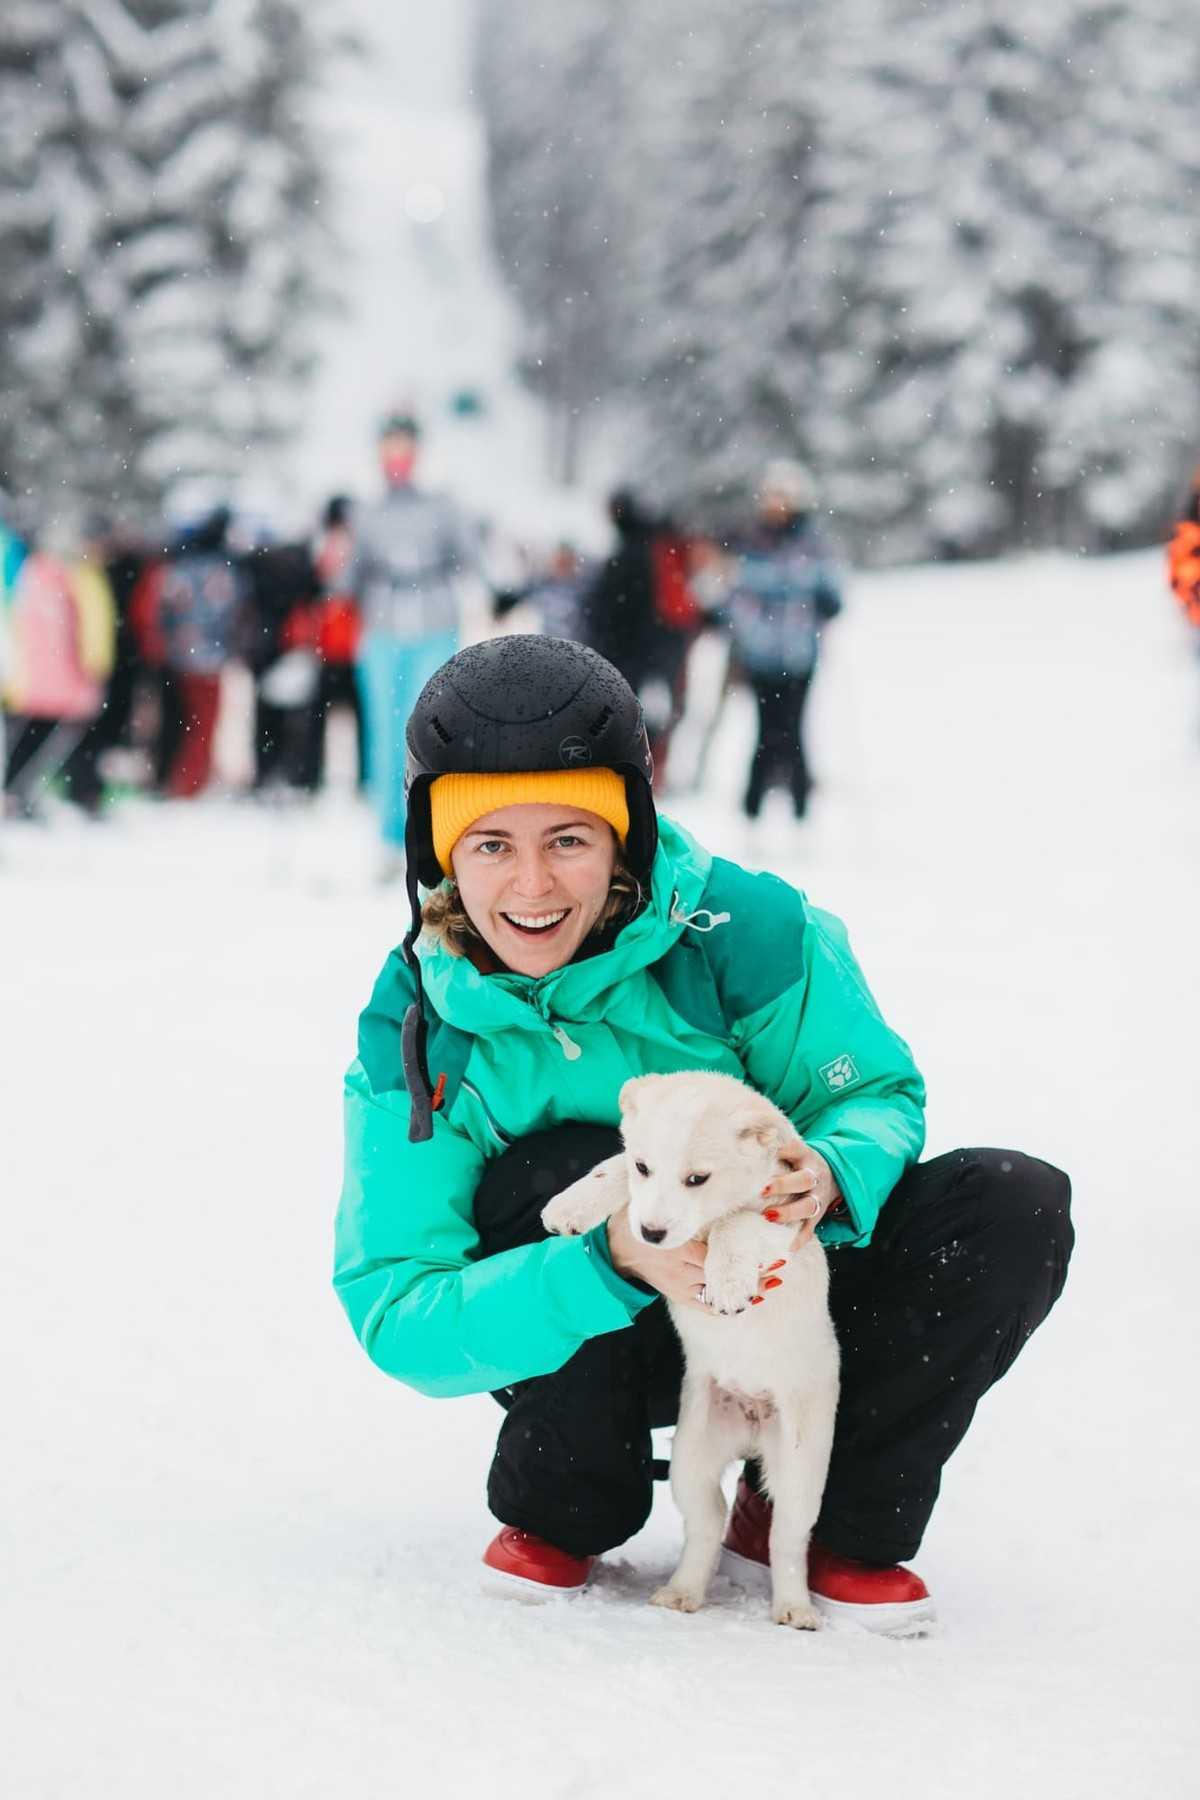 В Буковеле открыли первый в Украине бесплатный парк зимних развлечений 1